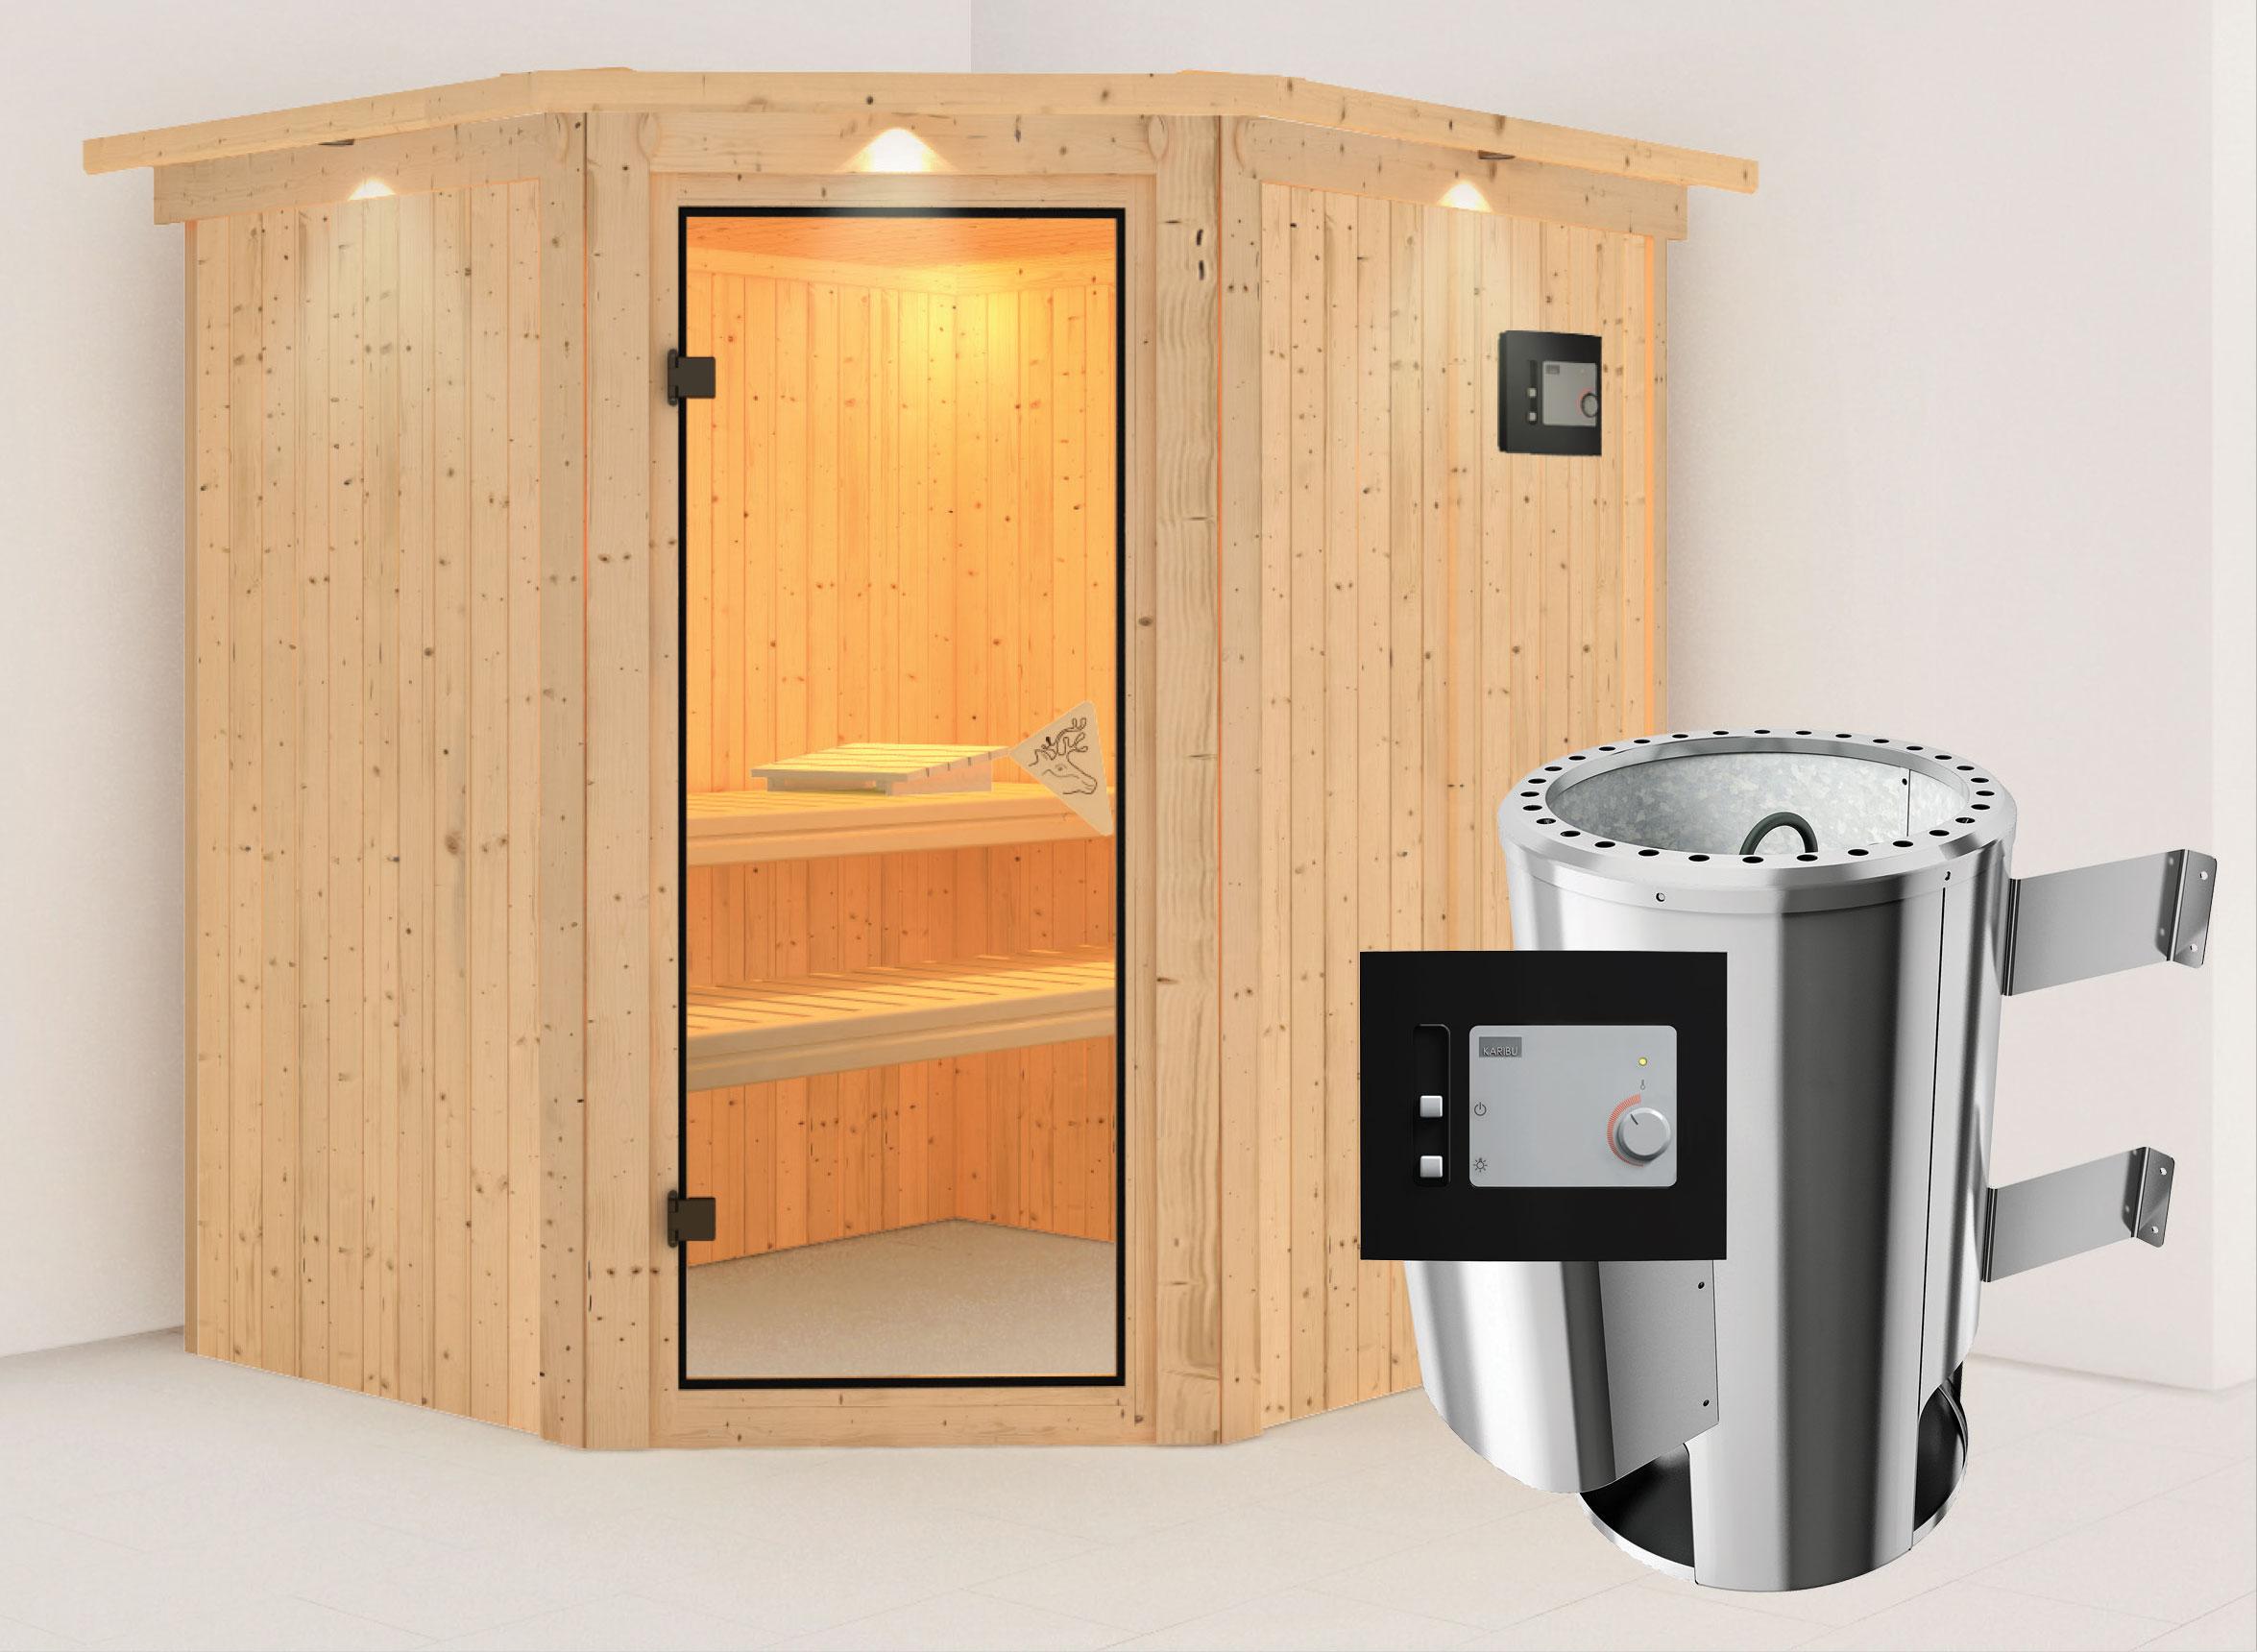 Karibu Sauna Lilja 68mm 230V Dachkranz + Ofen 3,6kW extern classic Tür Bild 1